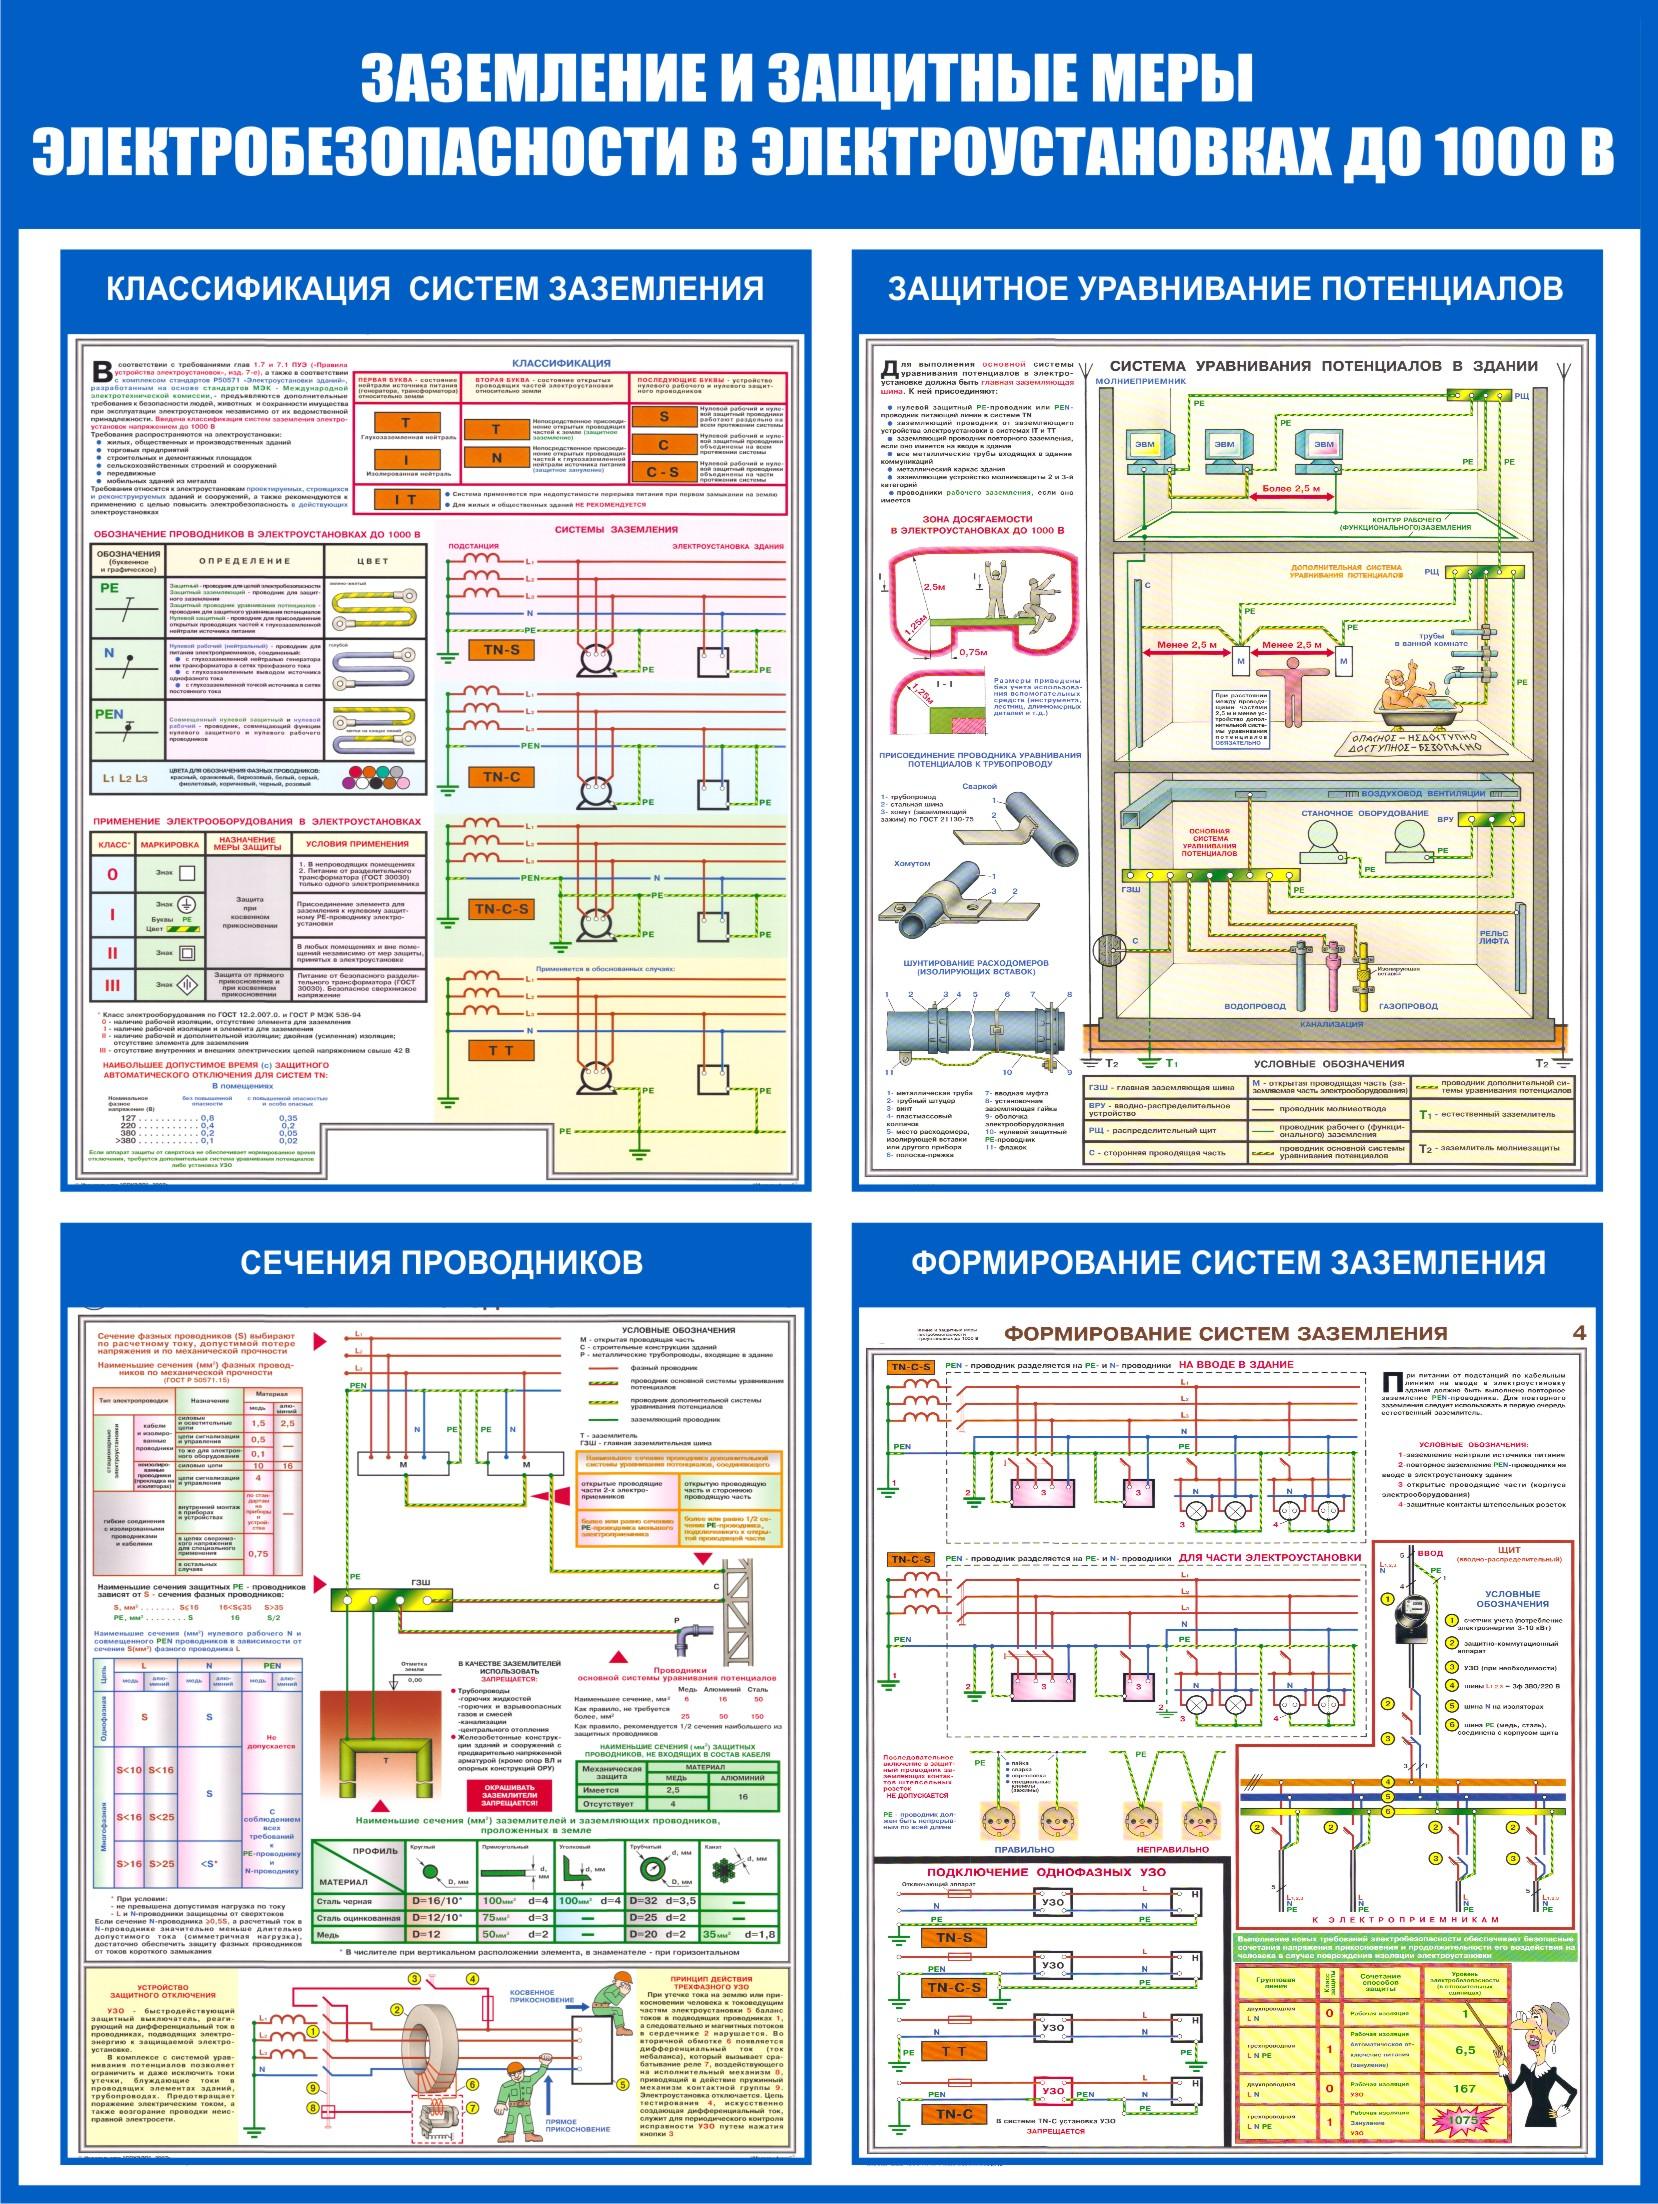 Заземление и защитные меры электробезопасности в ПУЭ